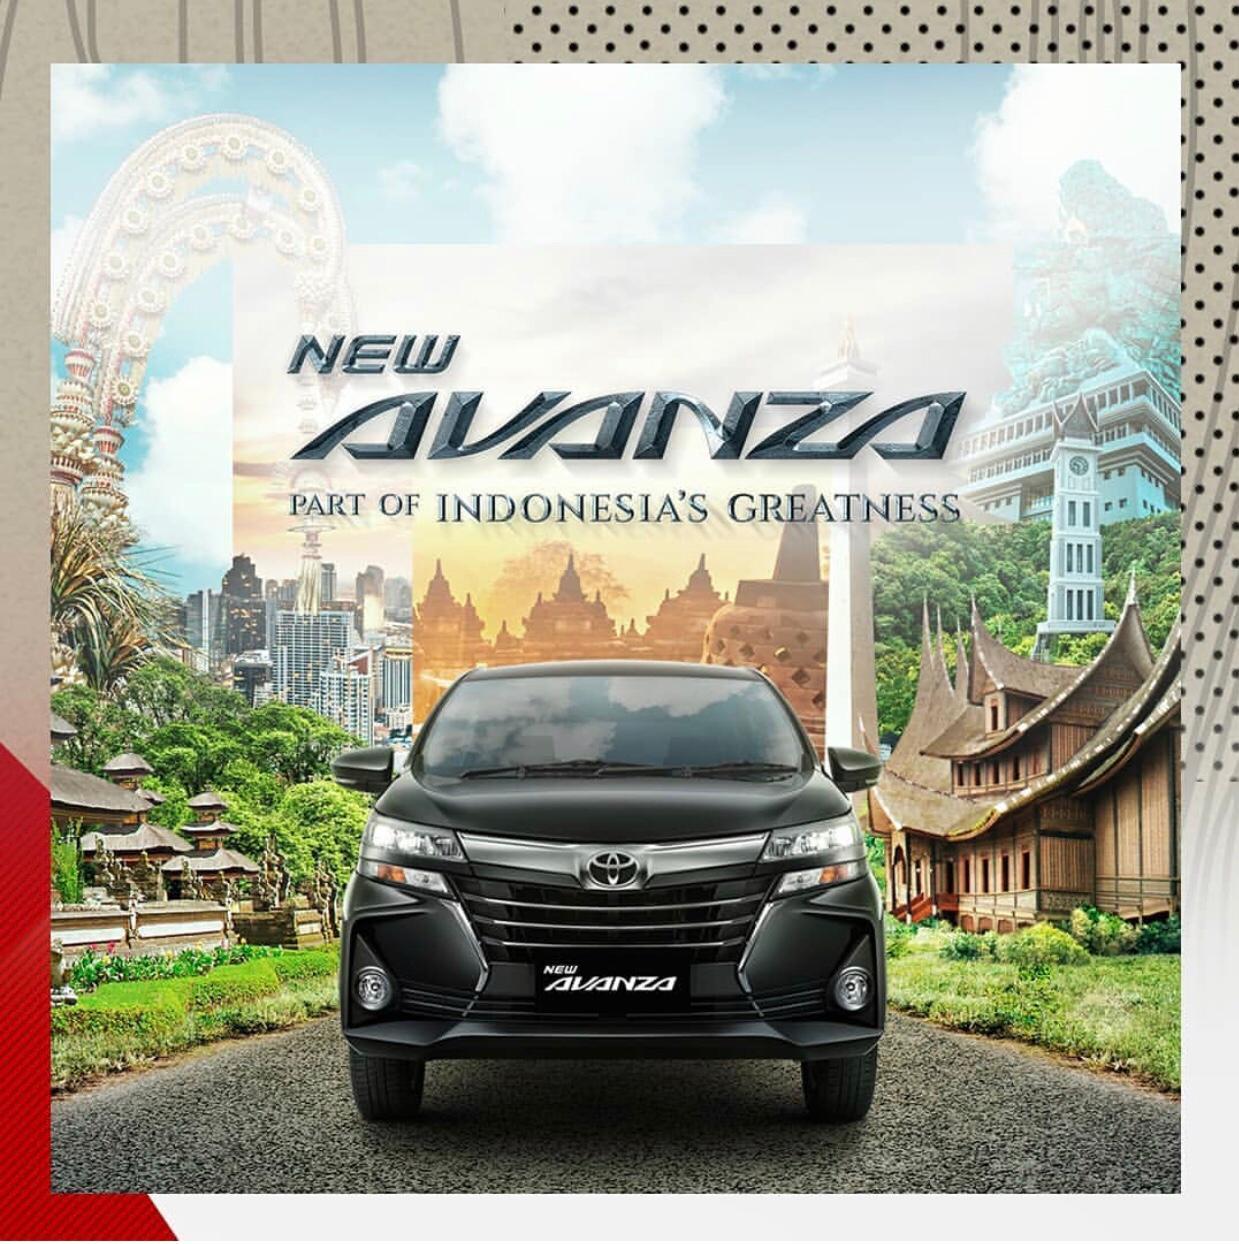 Kelebihan Harga Toyota Avanza 2019 Perbandingan Harga